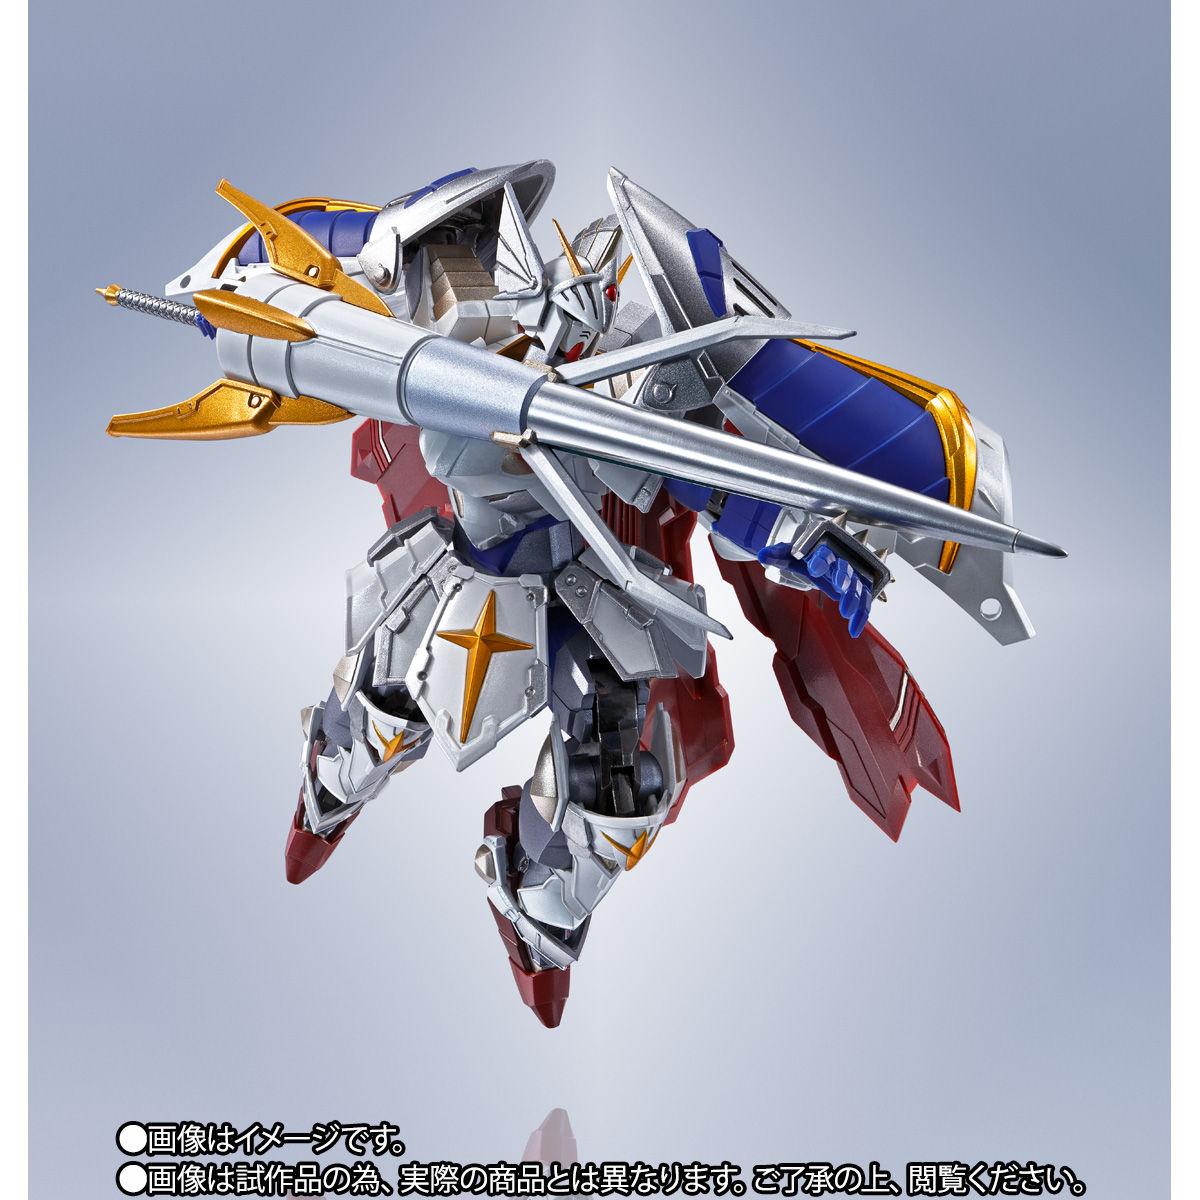 【限定販売】METAL ROBOT魂〈SIDE MS〉『バーサル騎士ガンダム(リアルタイプver.)』SDガンダム外伝 可動フィギュア-006